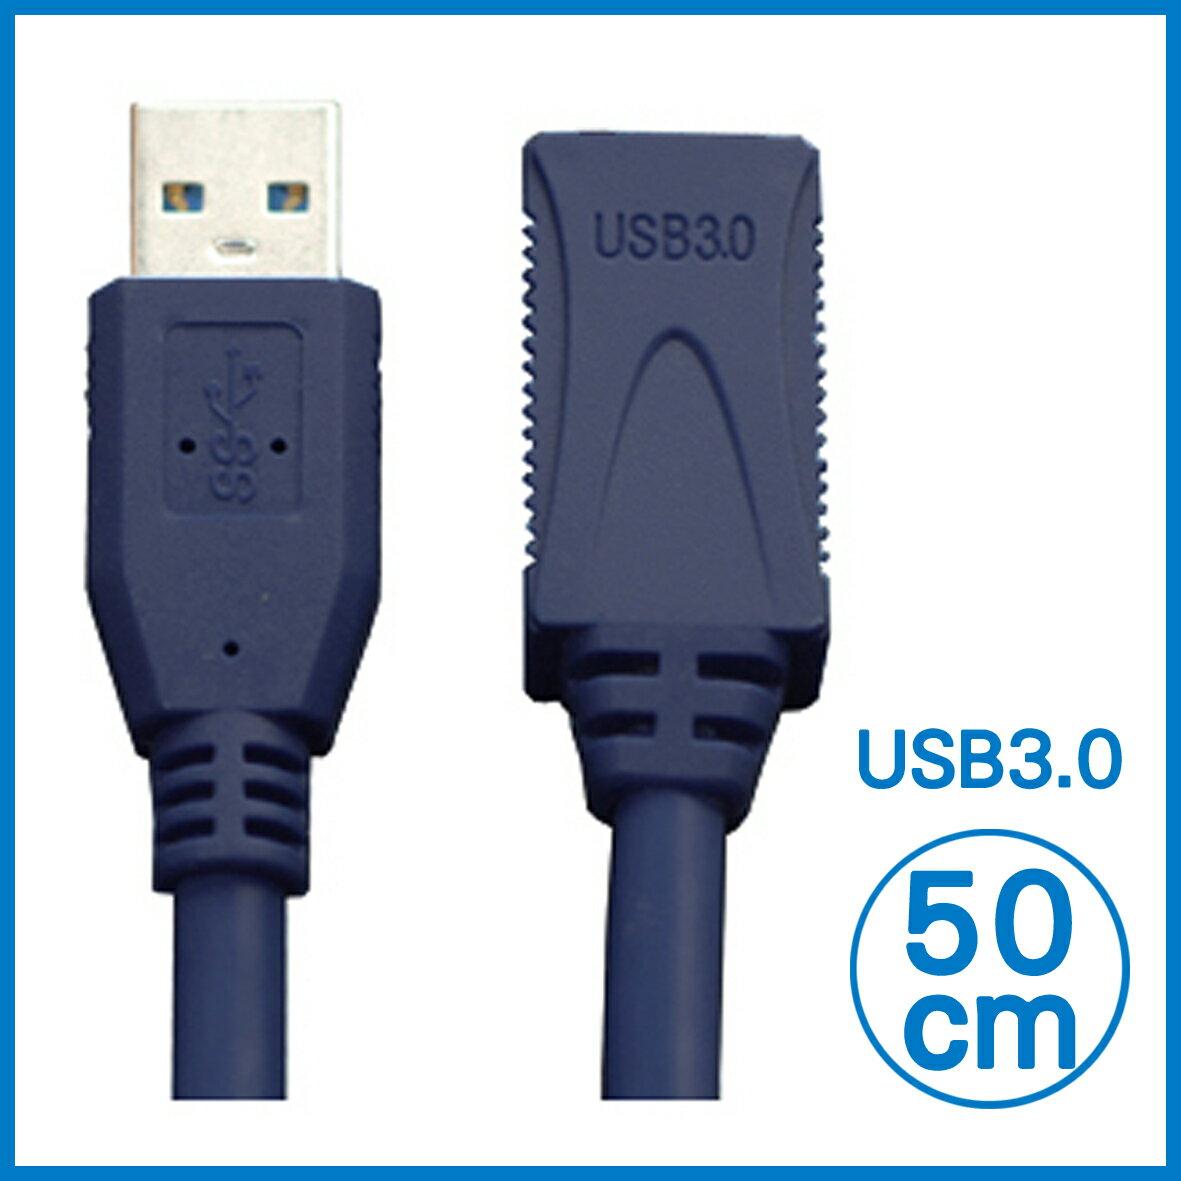 USB延長線 USB3.0 延長線 50cm